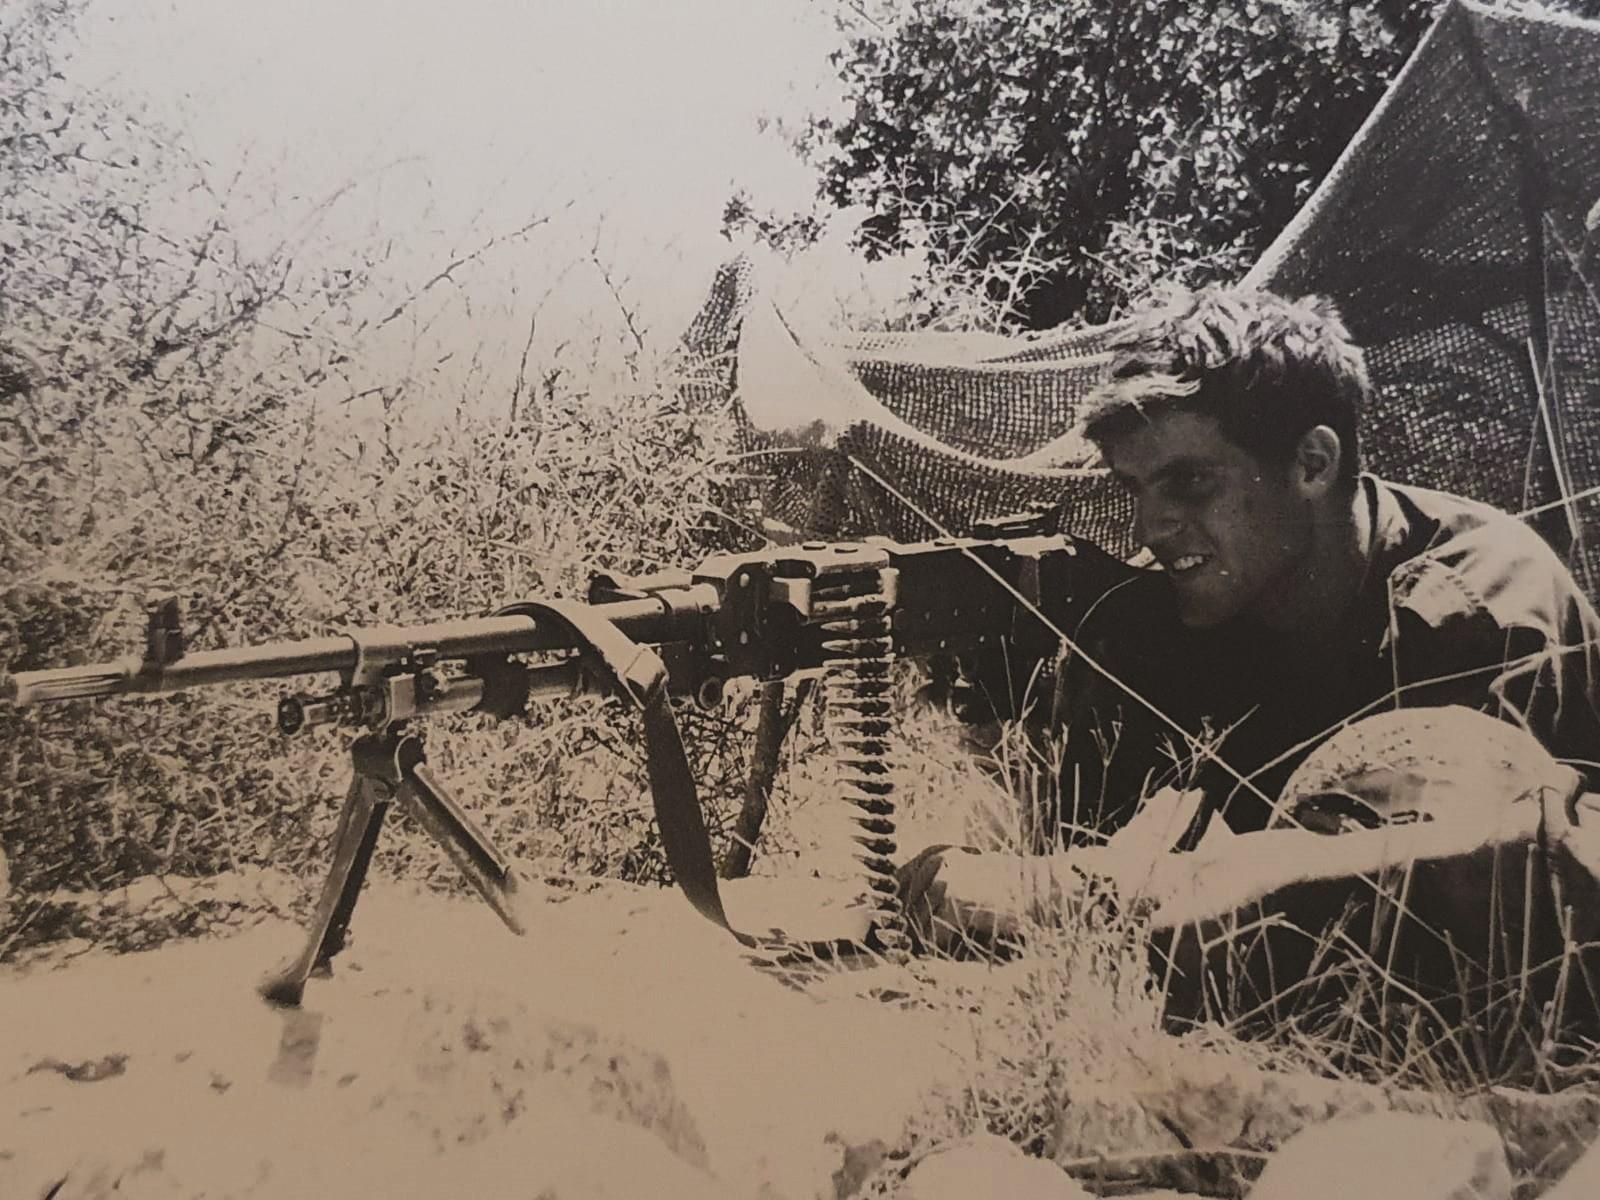 איתי כמאגיסט צעיר בצנחנים. 1969